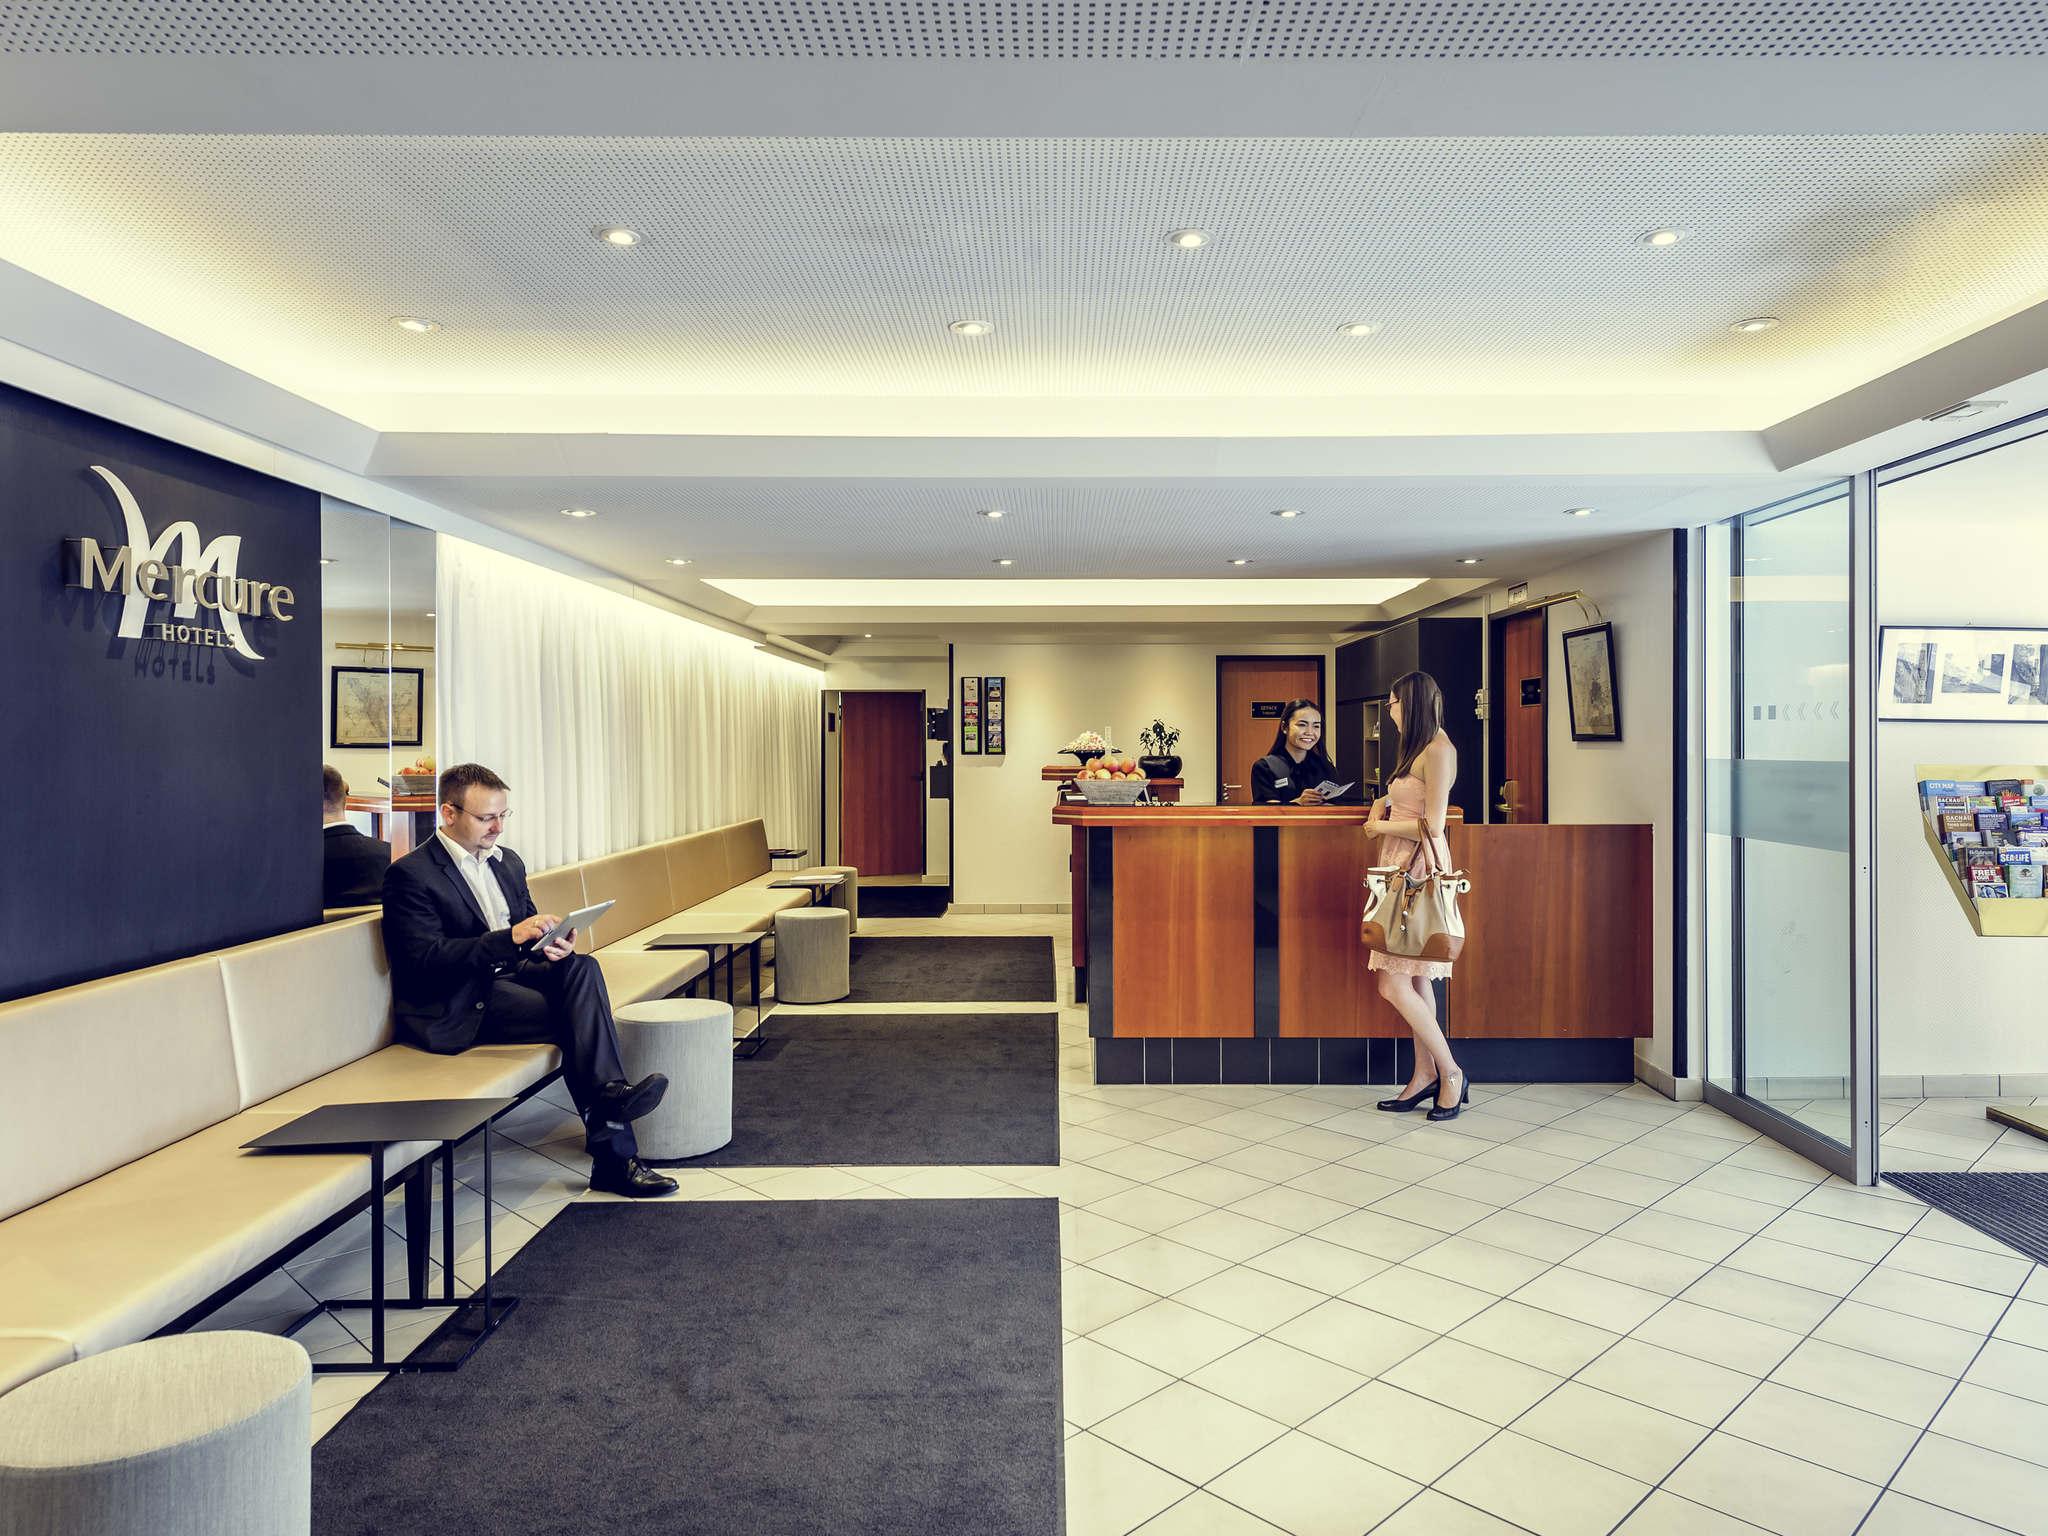 โรงแรม – โรงแรมเมอร์เคียว มุนเช่น อัลท์ชตัทส์